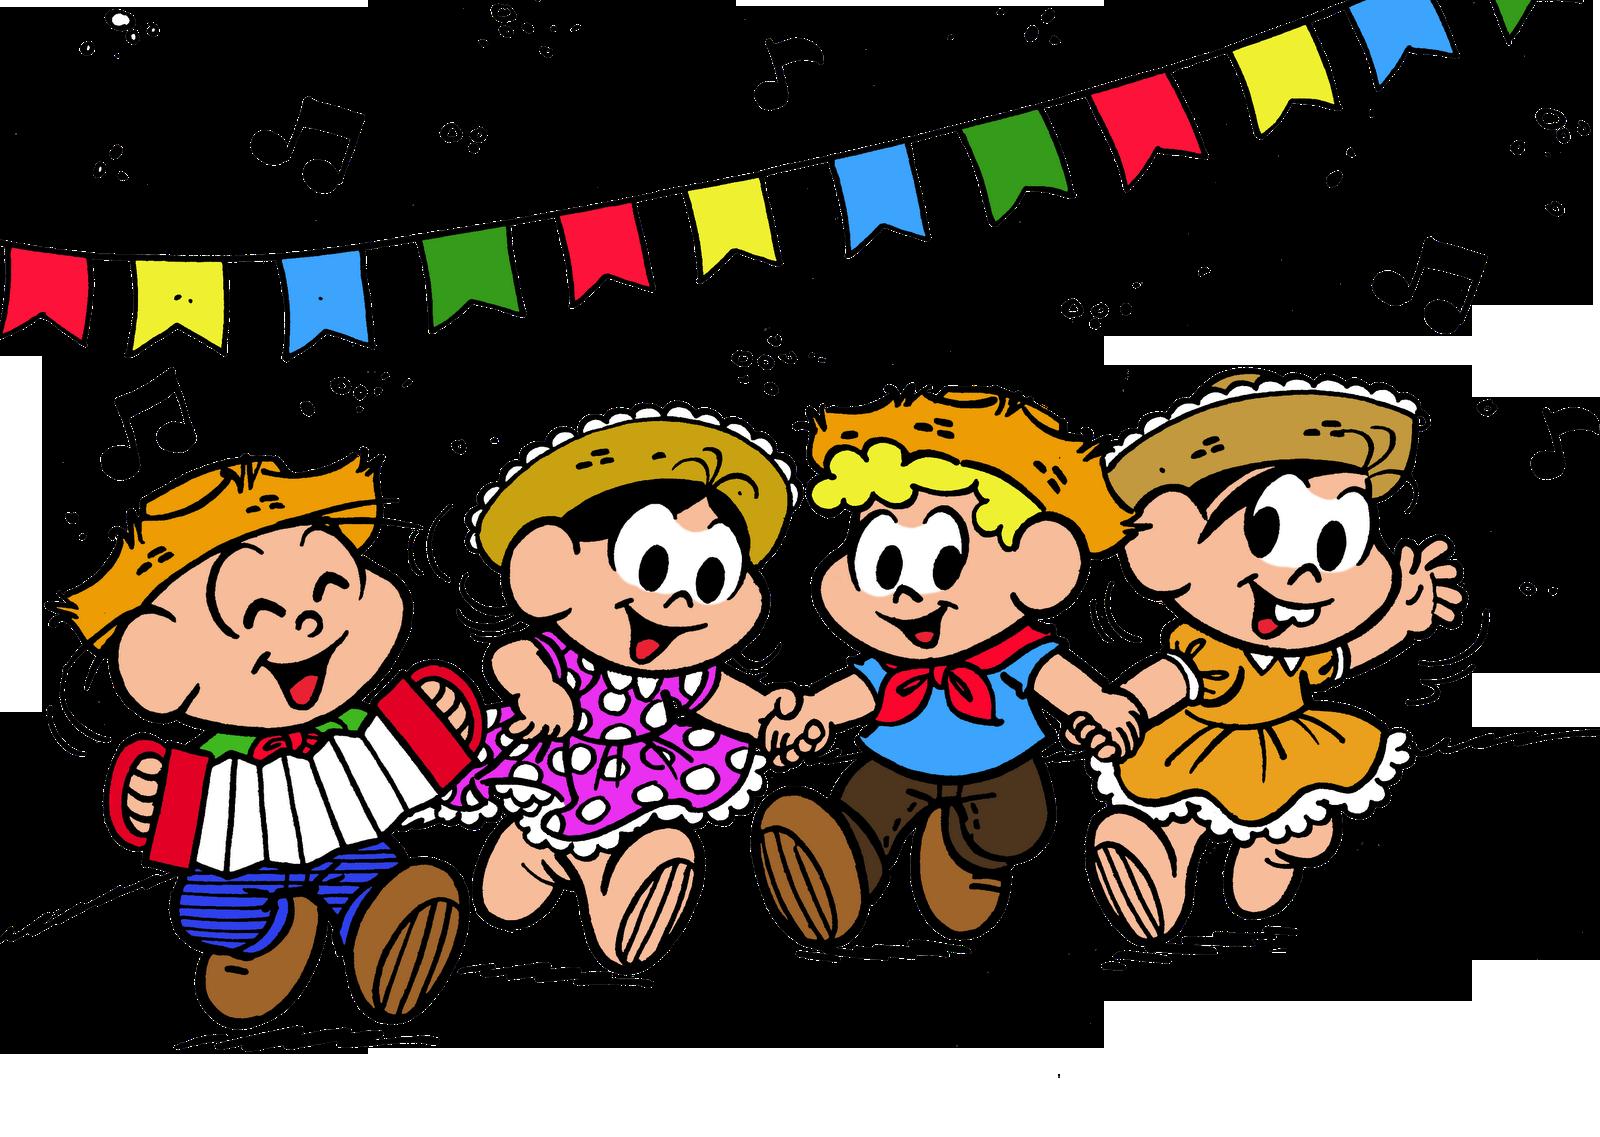 Tudo De Bom Sob O Topico Festa Em Imagens Colorir Blogspot Com